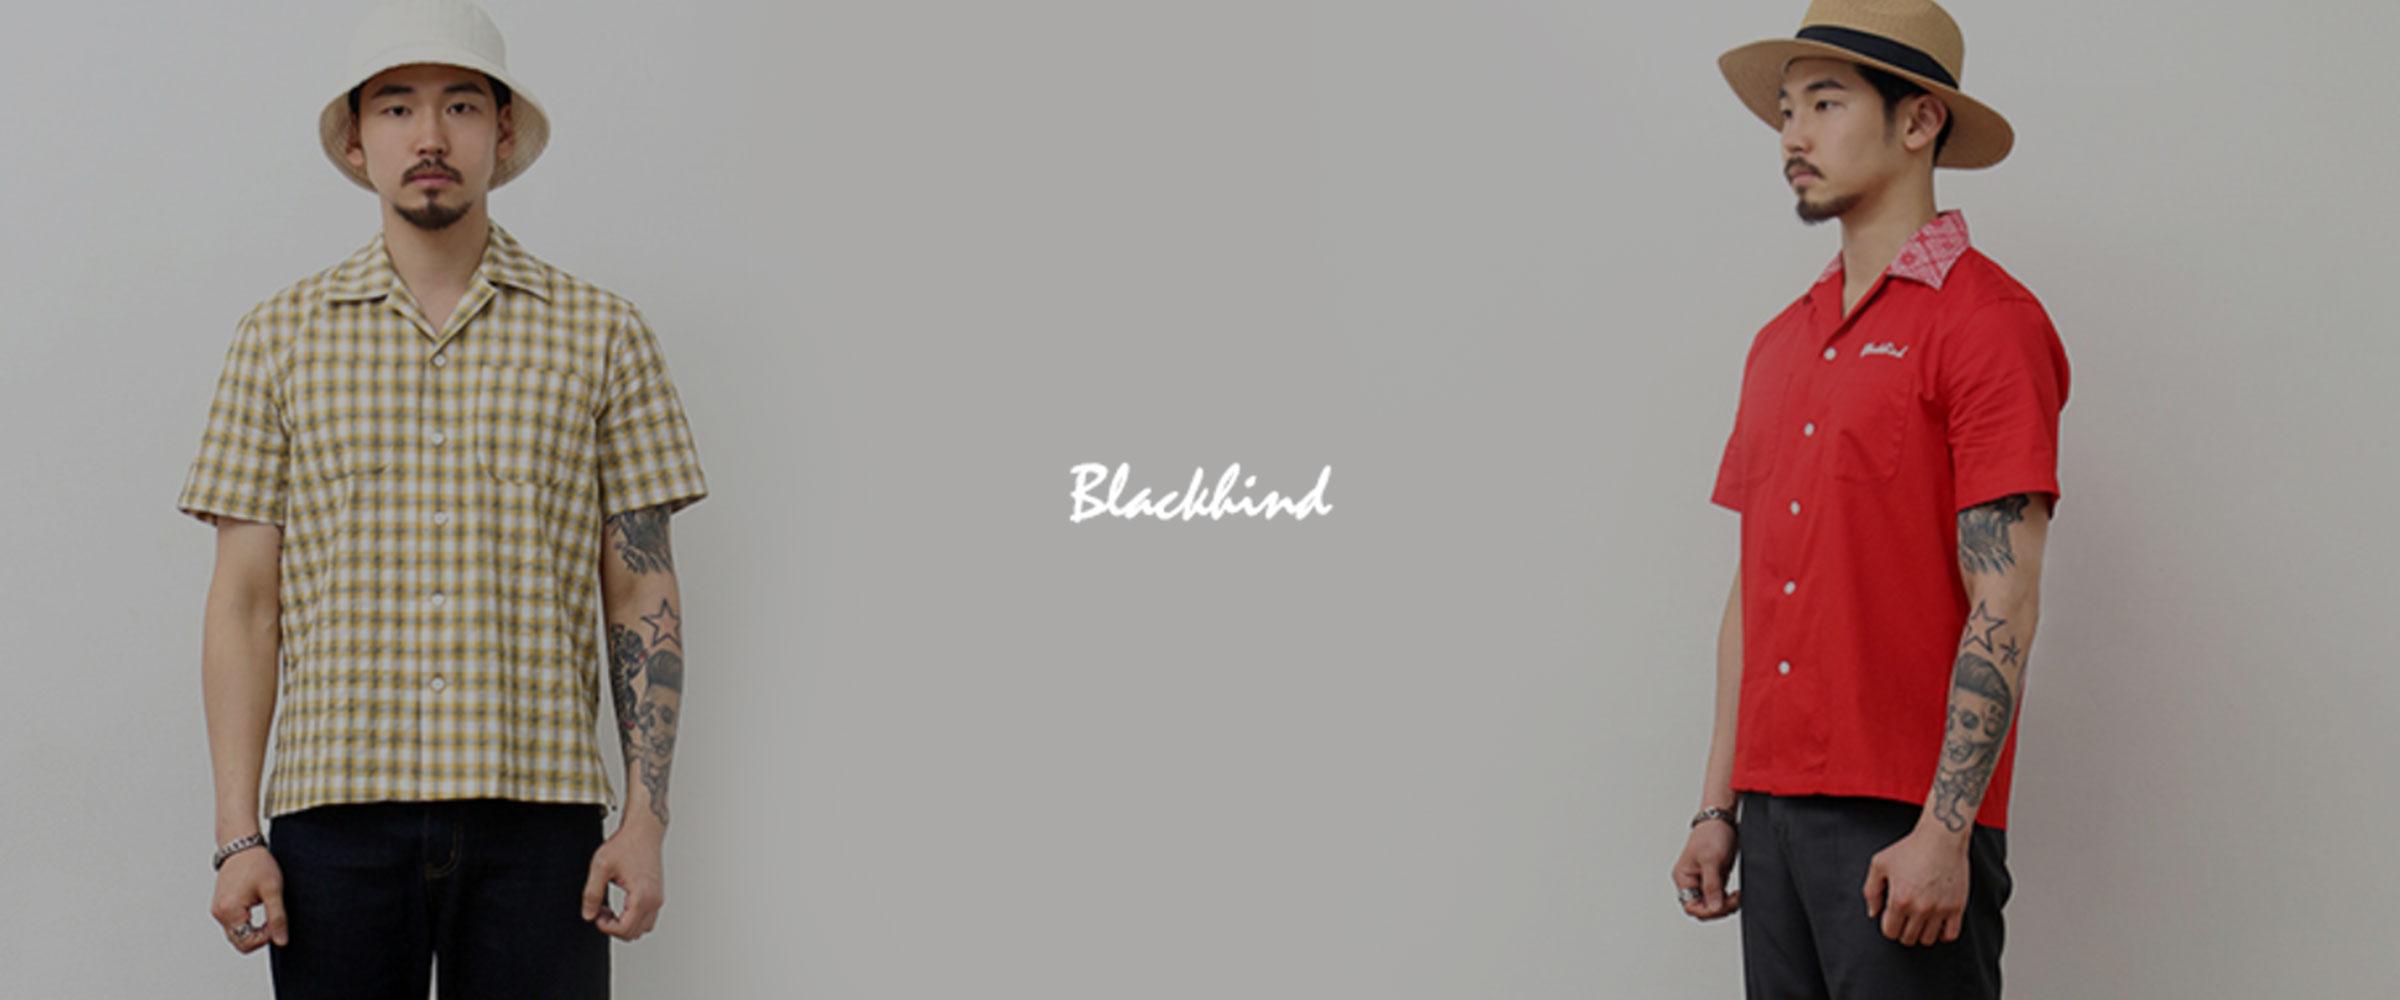 blackhind.jpg